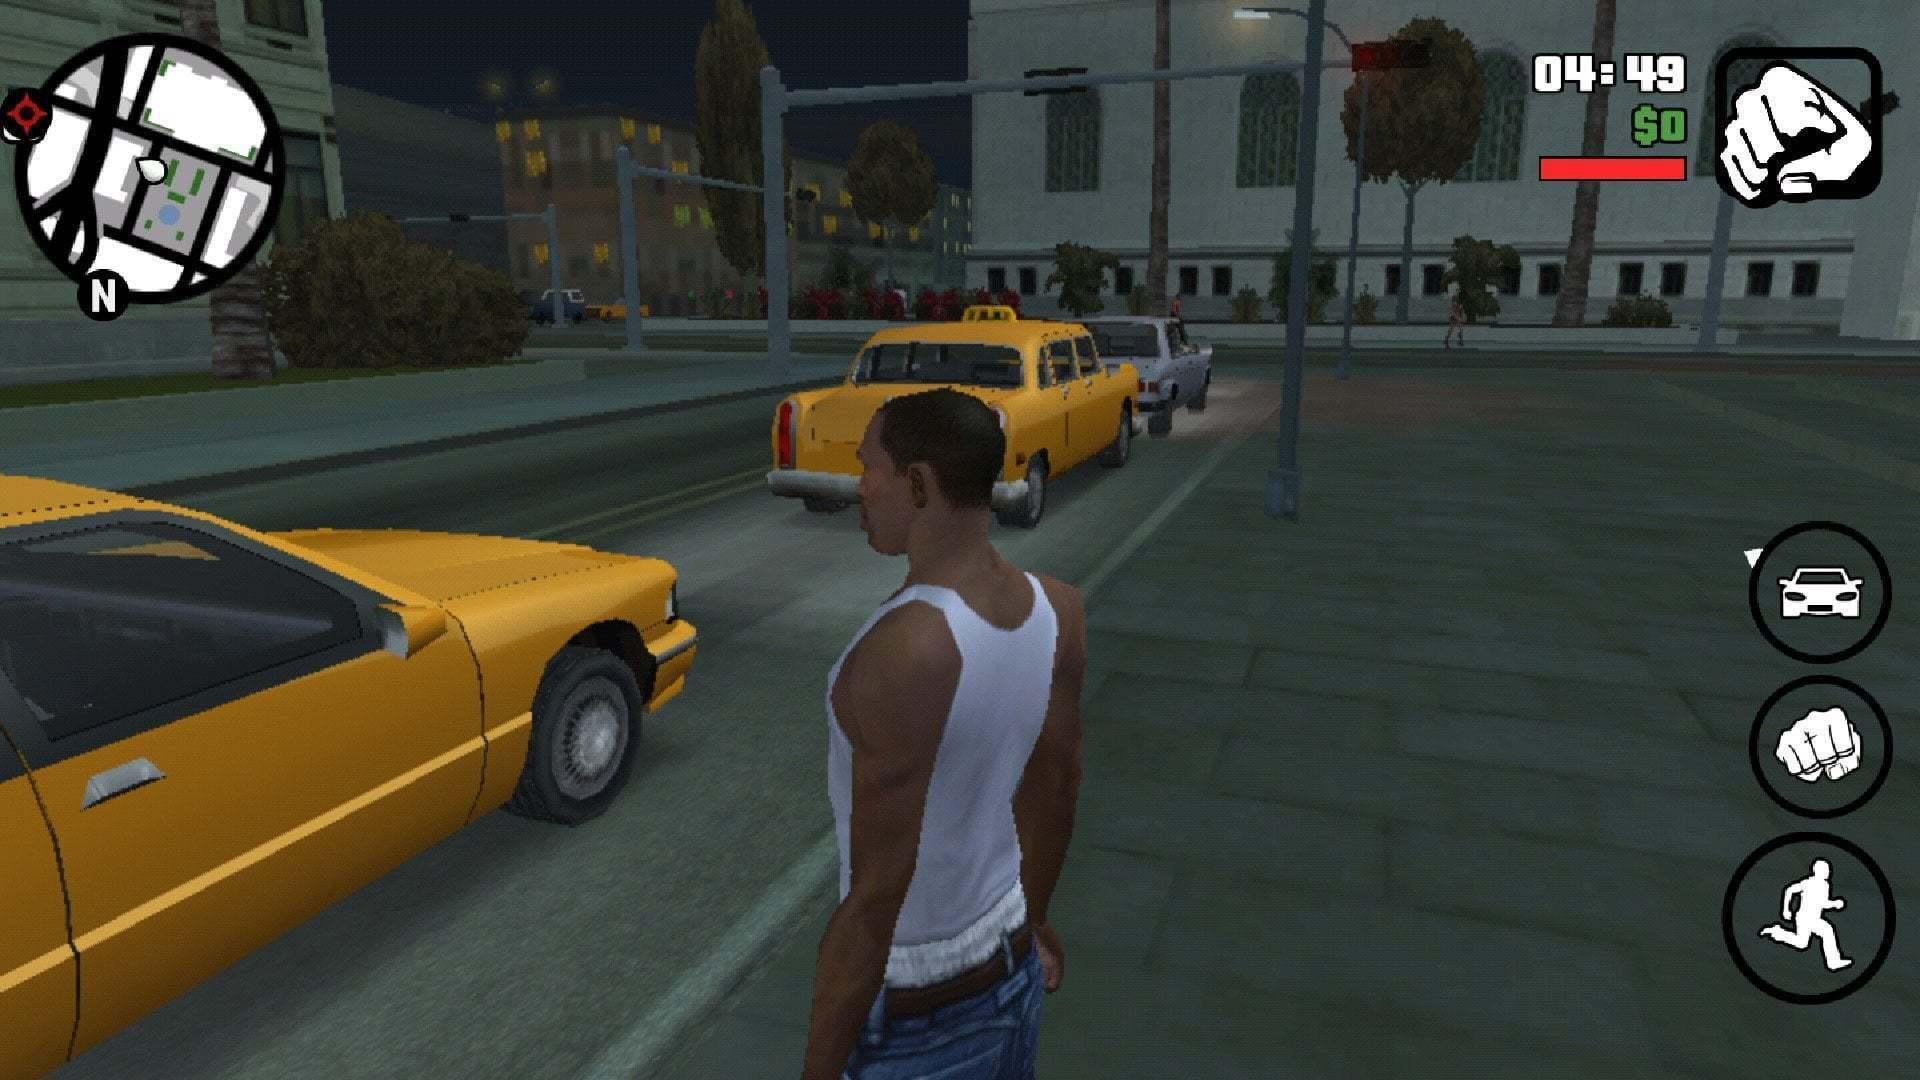 GTA San Andreas Ekran Fotografı